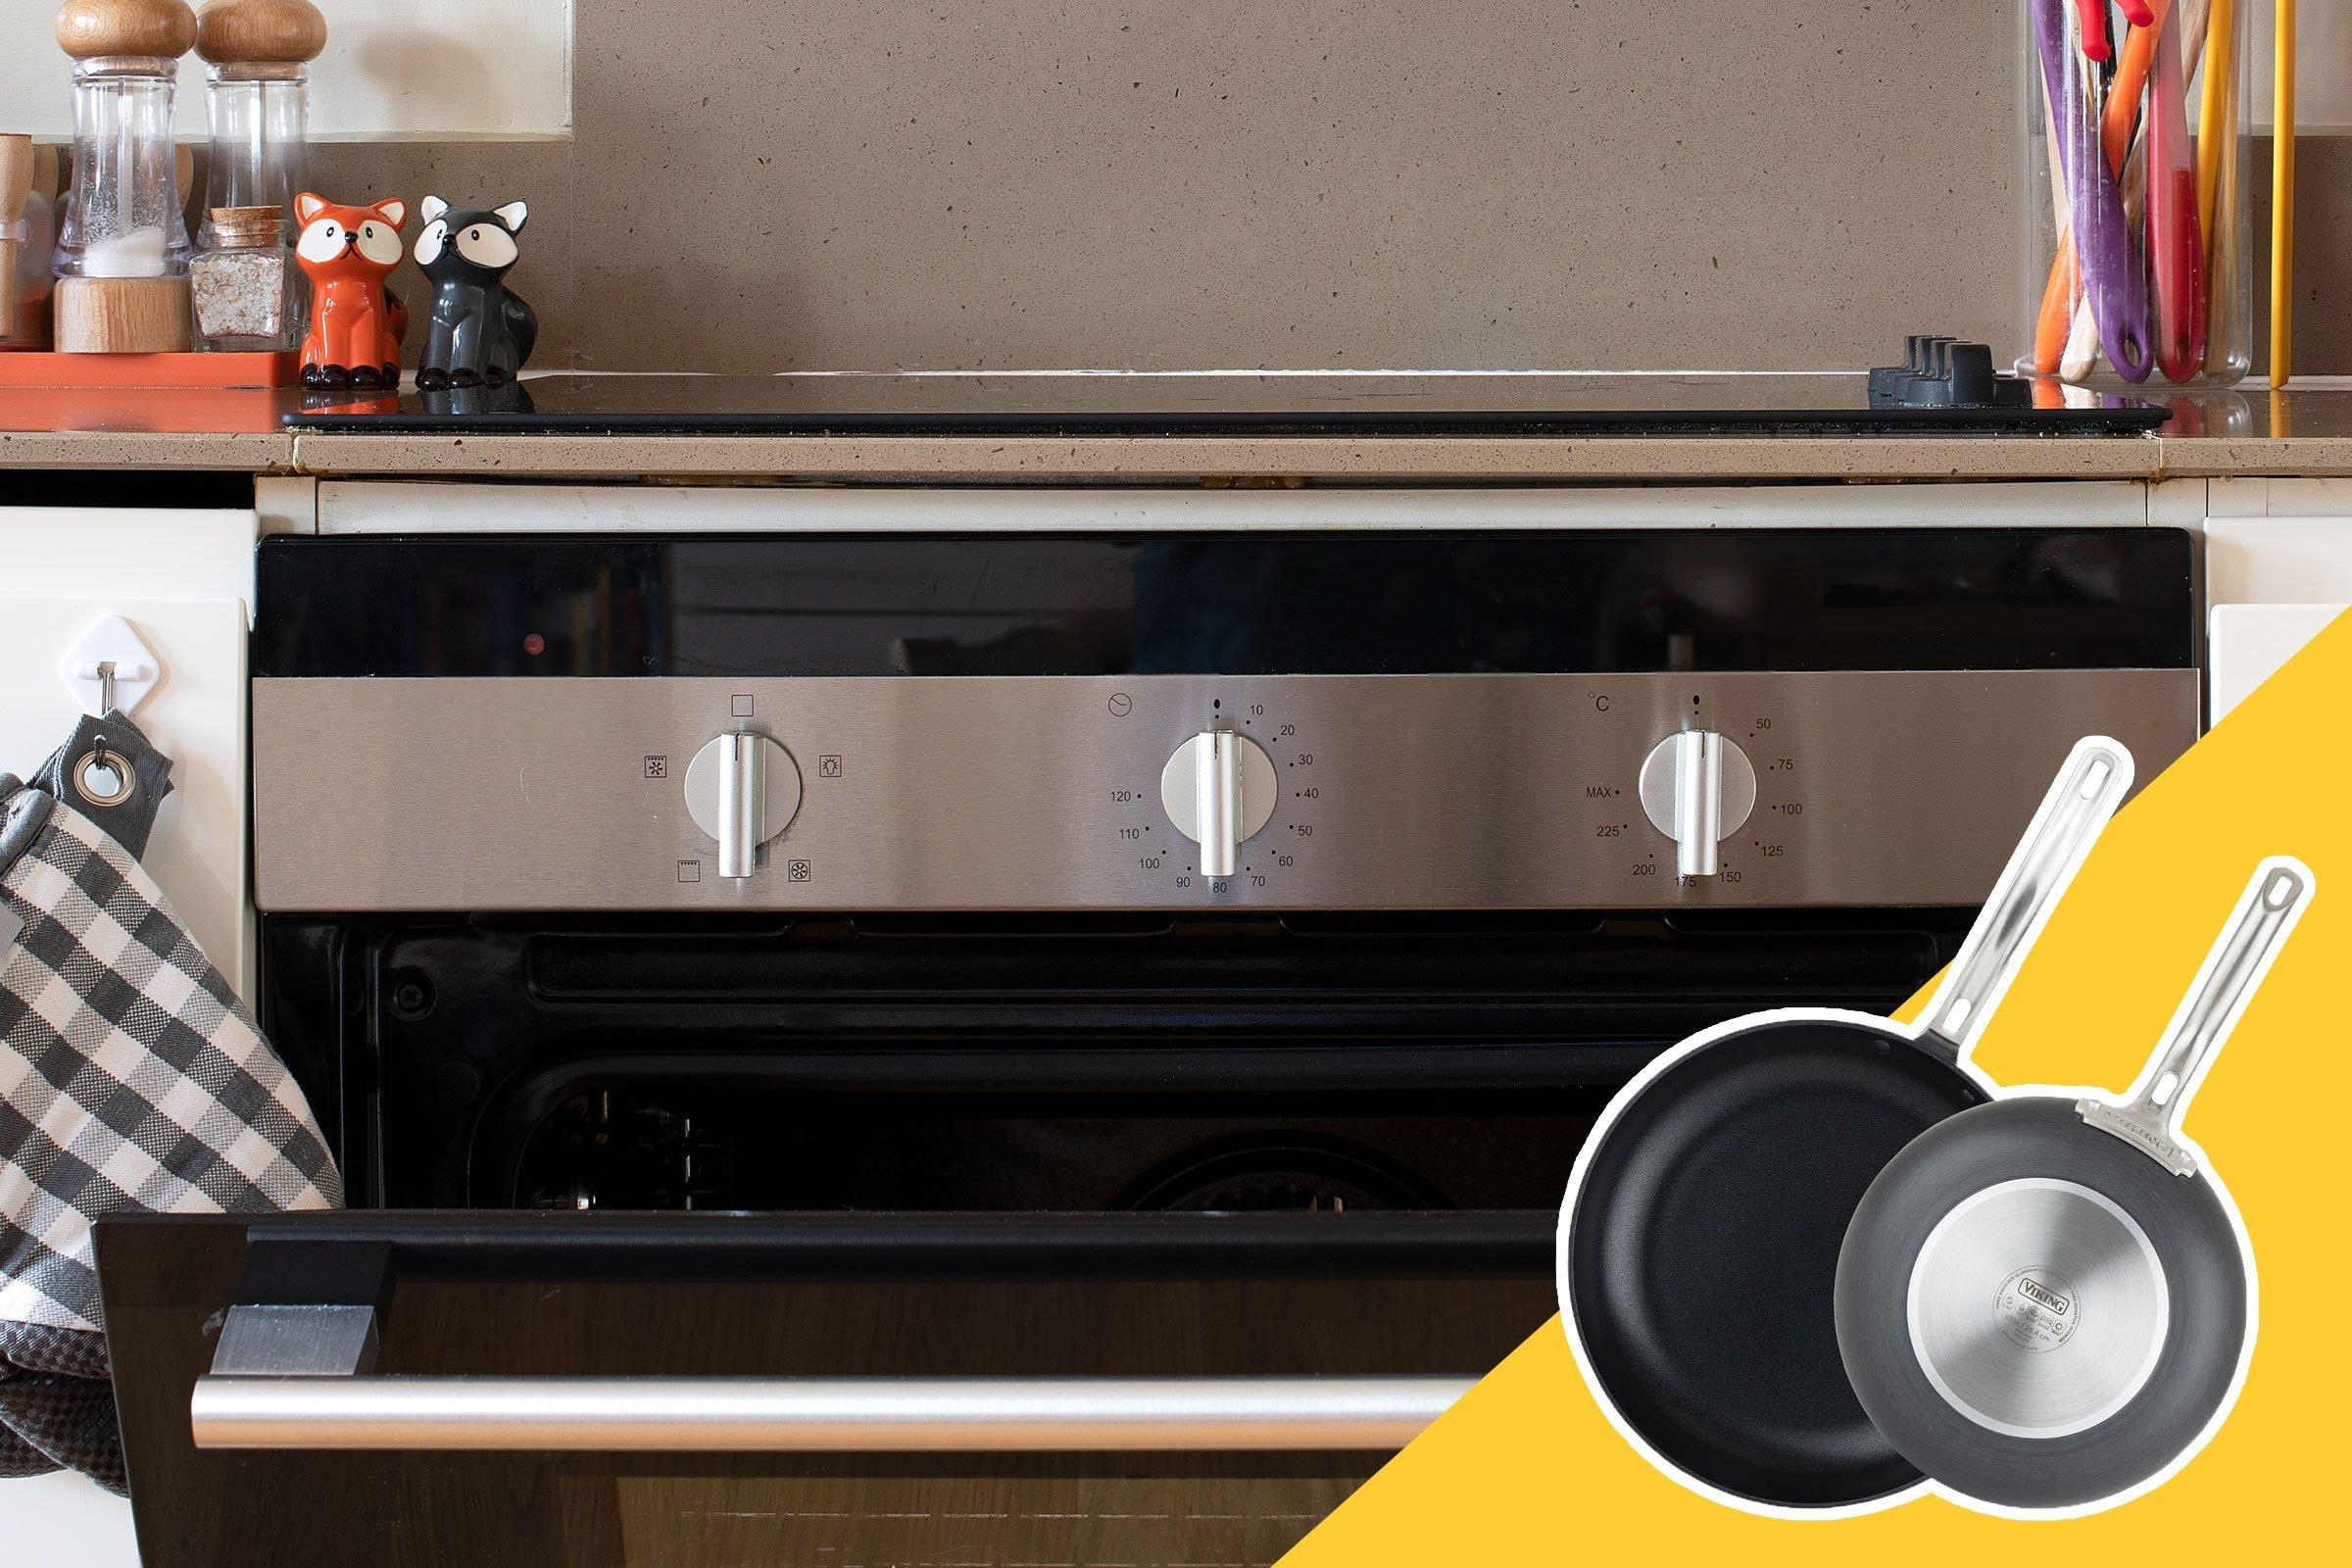 oven with door ajar; set of pans in inset